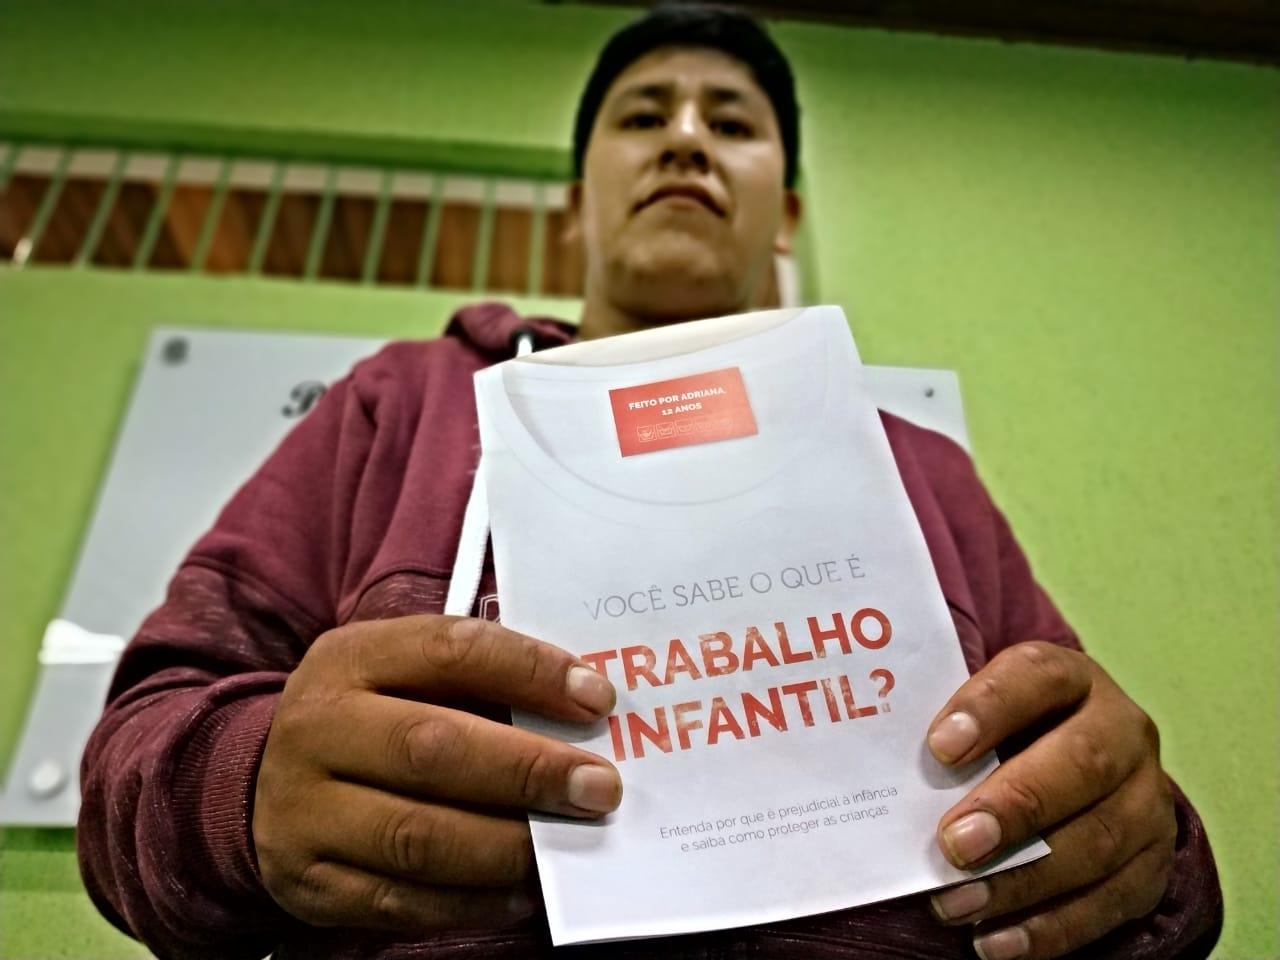 Homem boliviano segura folder da campanha trabalho infantil na indústria da moda.